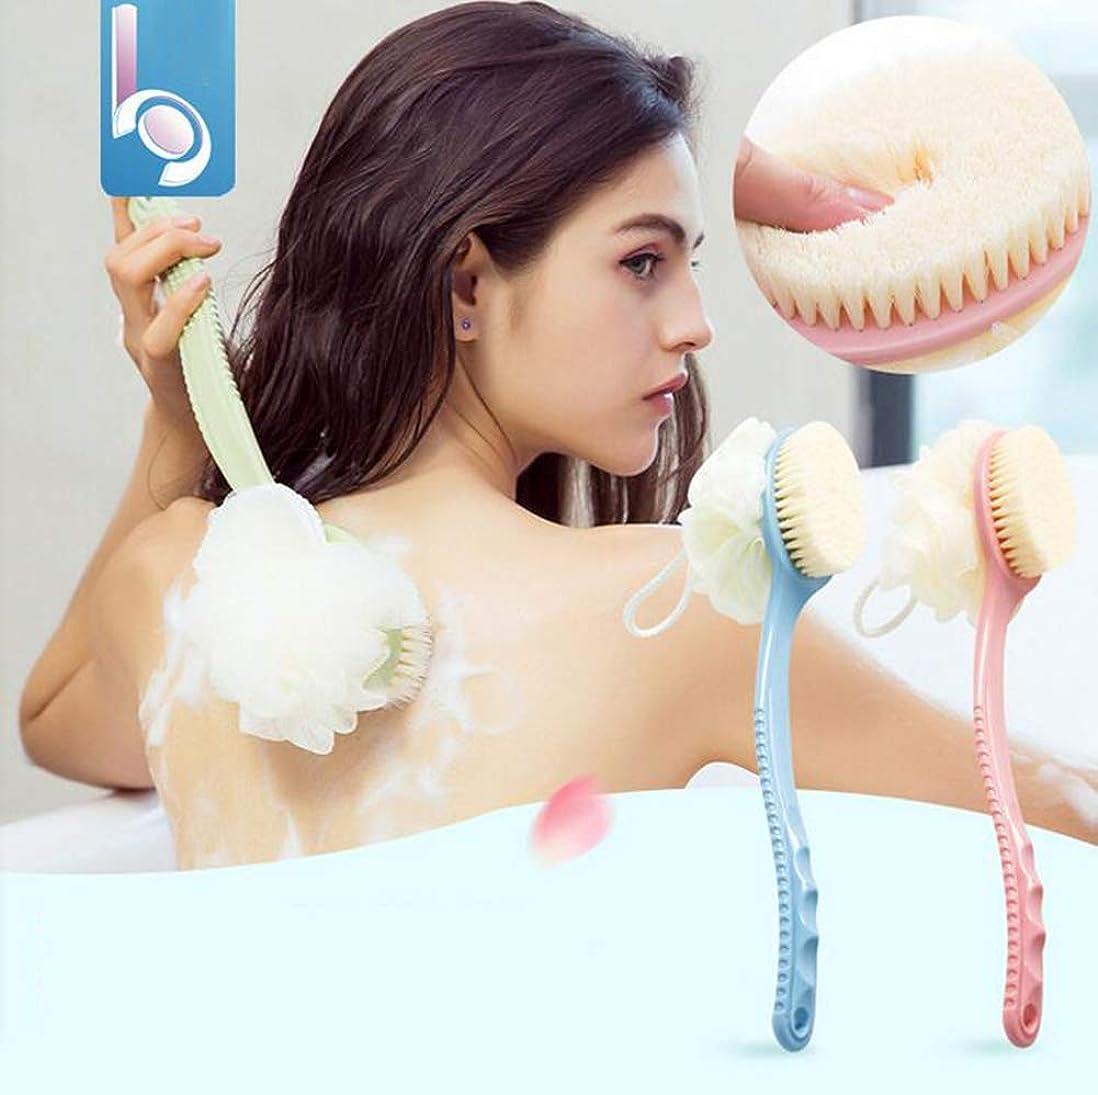 複雑でないサミュエル誓いロングハンドルバスブラシ、ソフトファーバスタオル入浴バックセルライトスクラブのための入浴アーティファクト,Pink